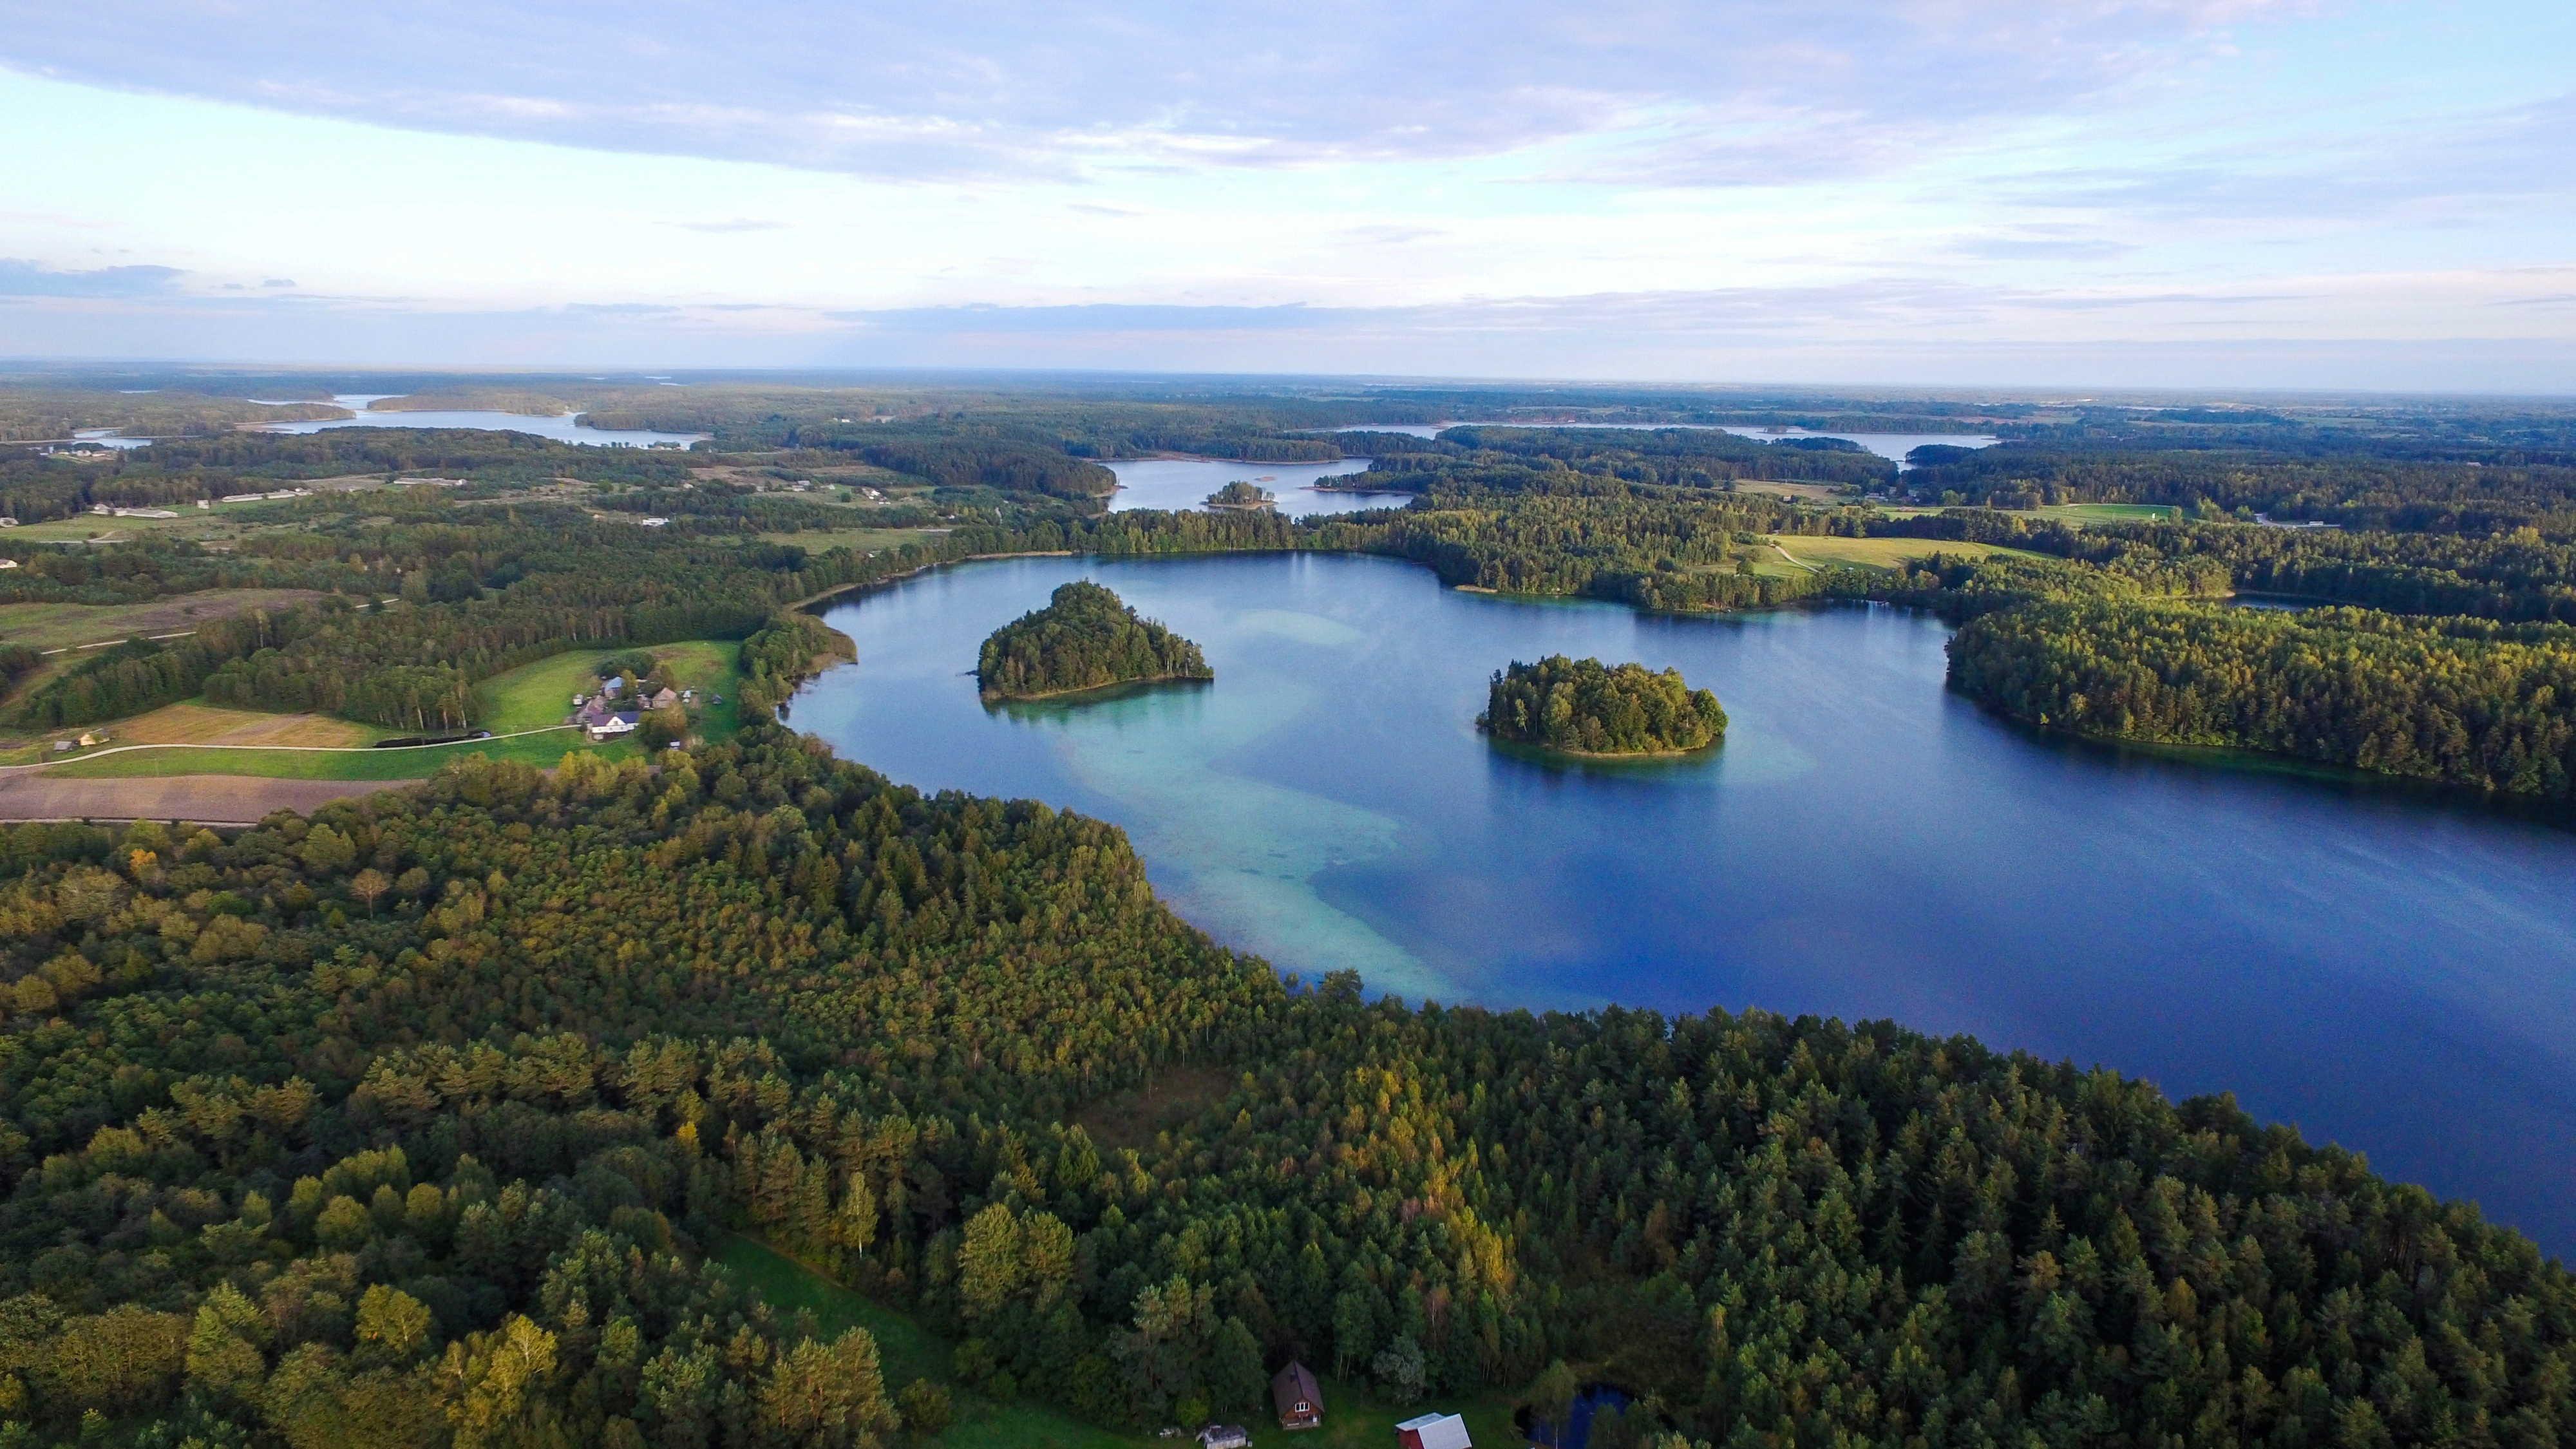 חופשה משפחתית במולטאי, ליטא: 300 אגמים ואינספור יערות